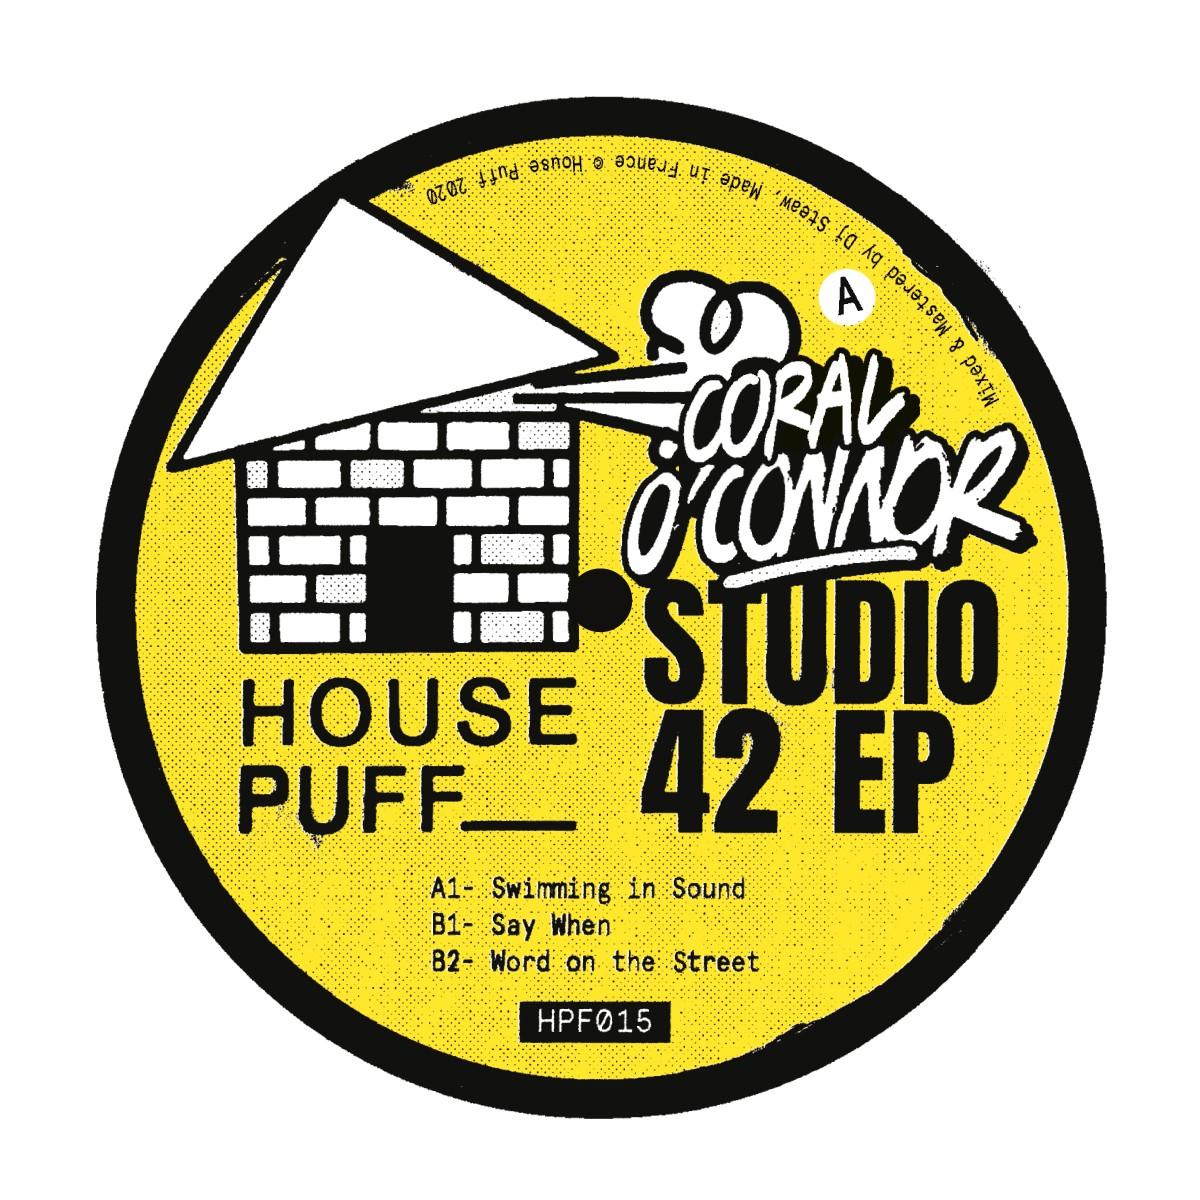 """Coral O'Connor/STUDIO 42 EP 12"""""""